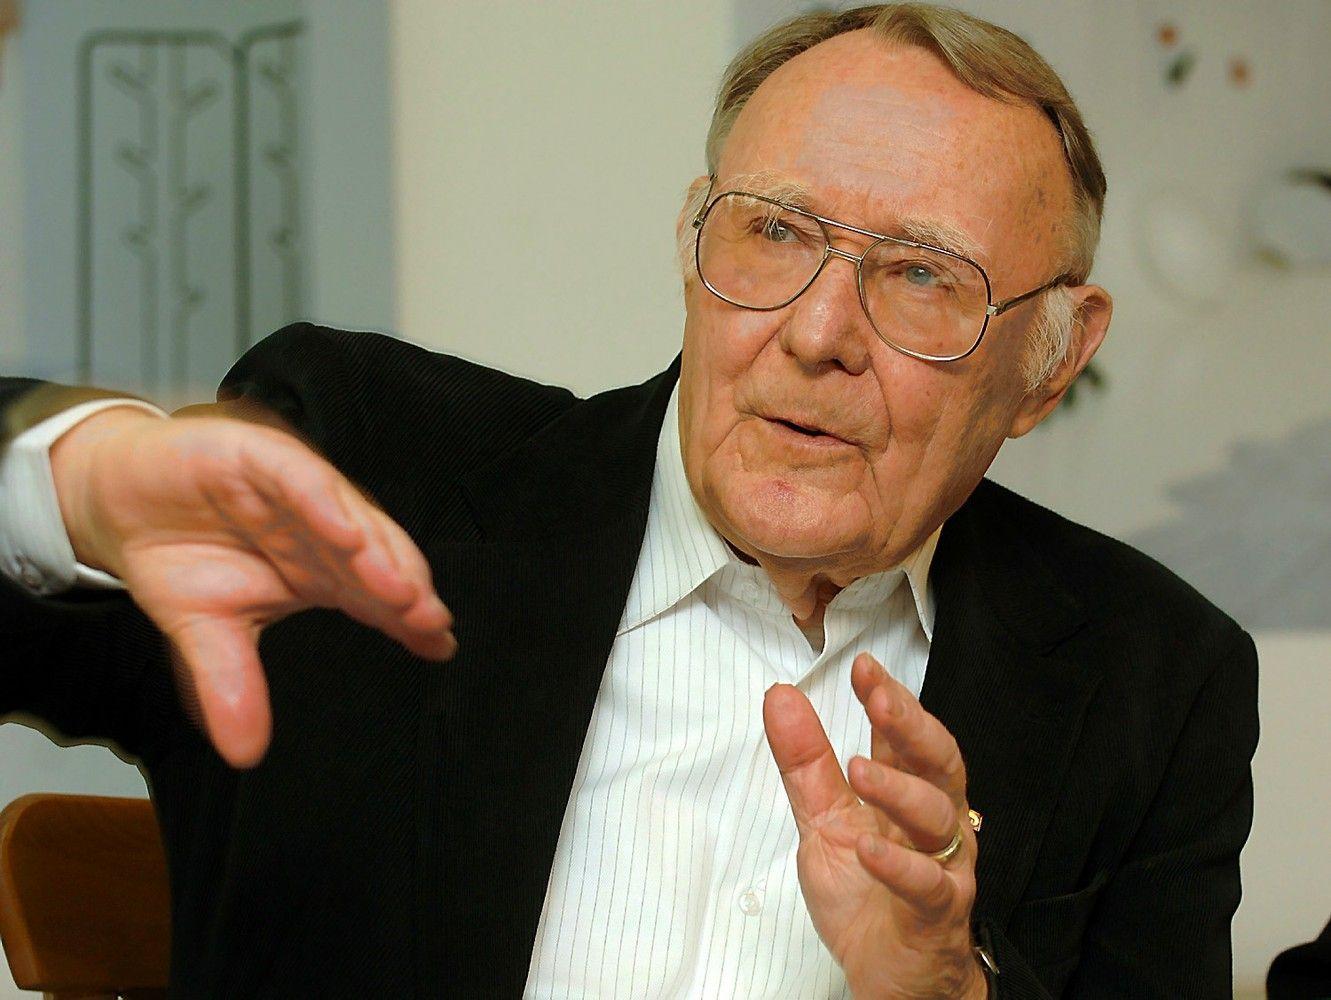 91-erių IKEAįkūrėjas įvertintas už švedų kalbos populiarinimą pasaulyje